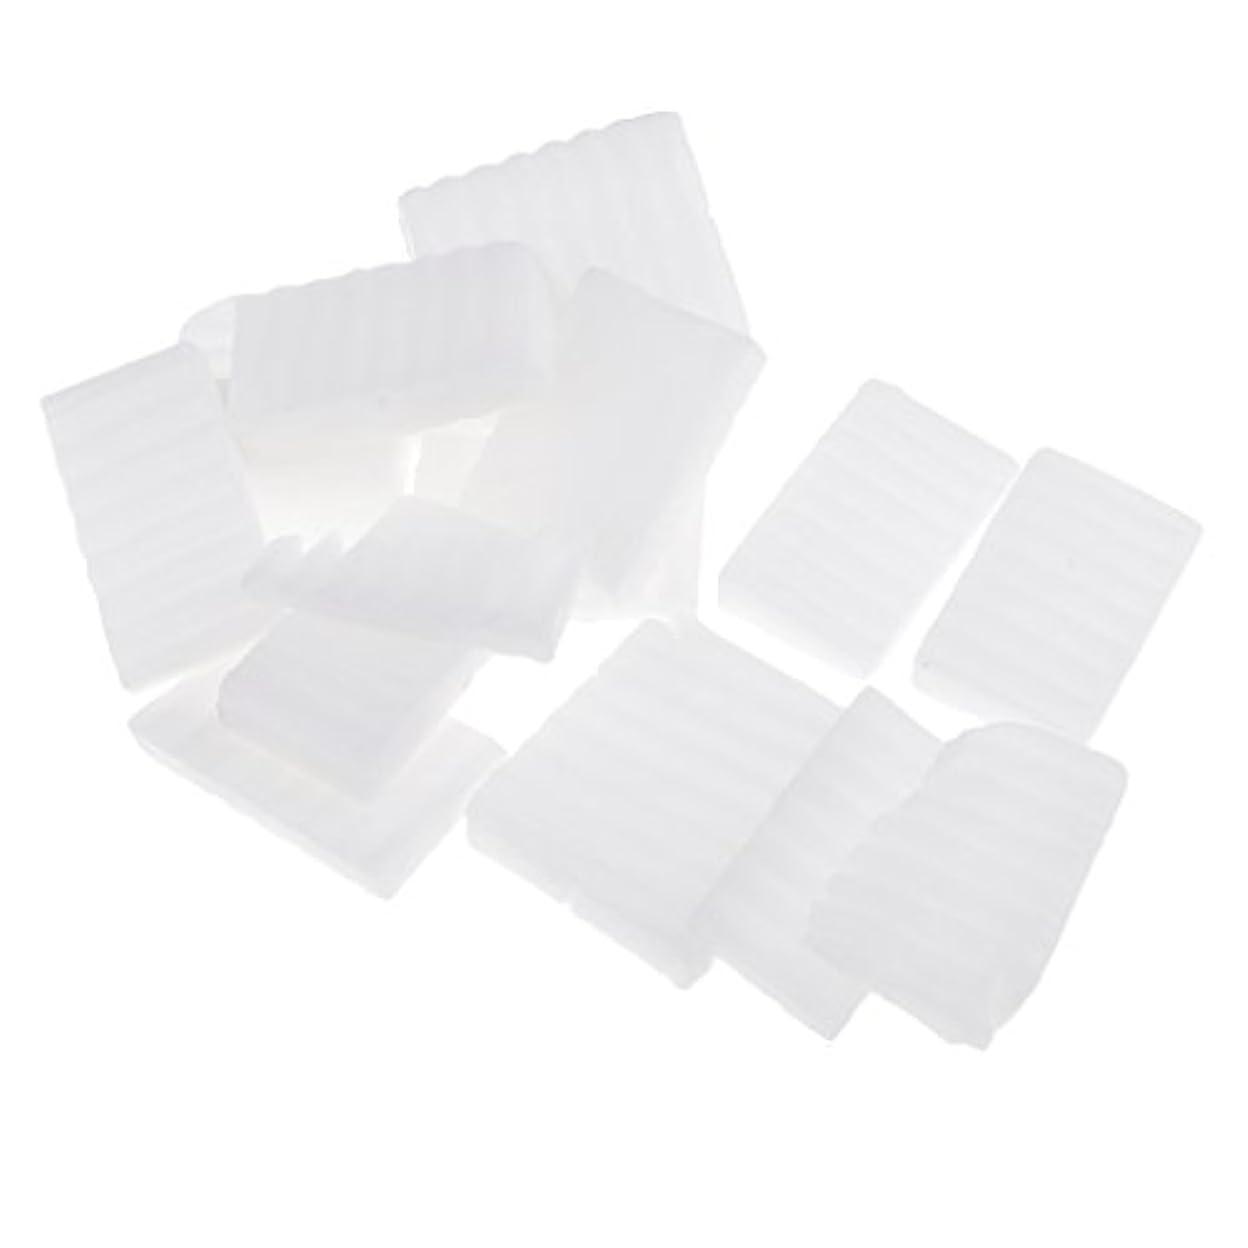 失礼なダイアクリティカル褒賞約500g ホワイト 石鹸ベース DIY 手作り 石鹸 材料